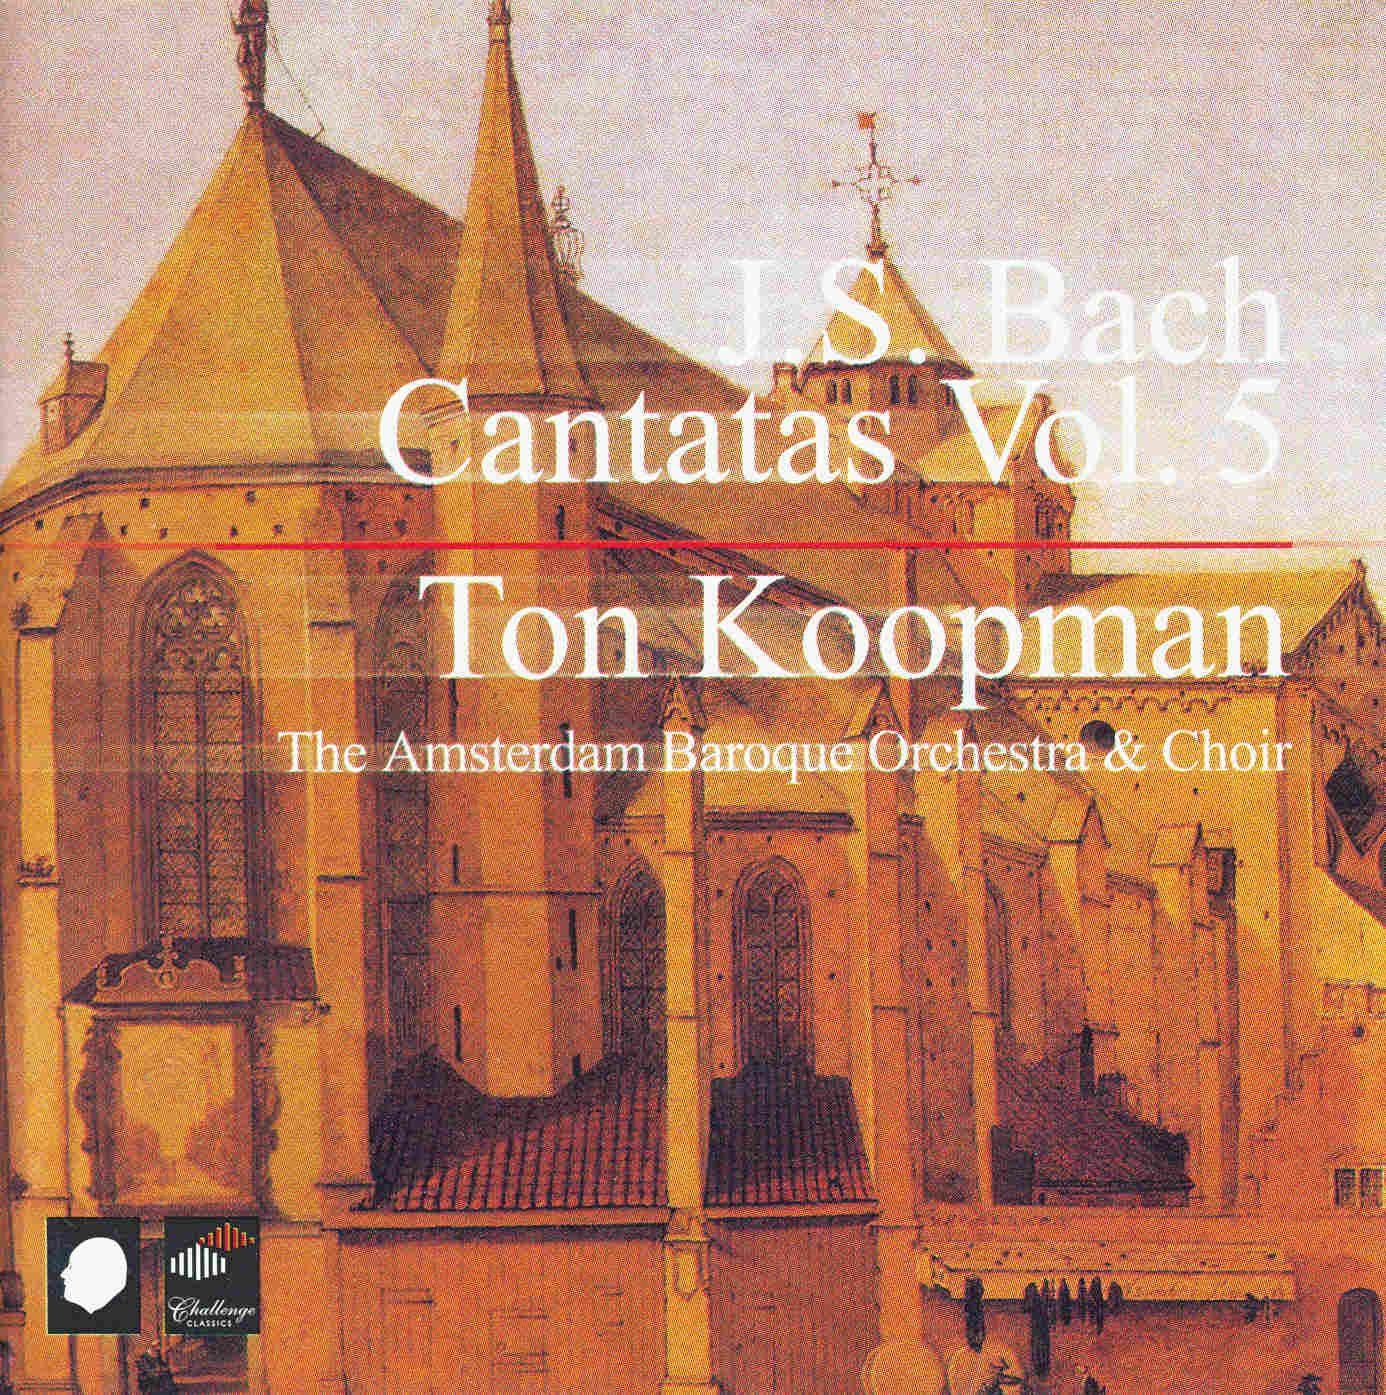 J. S. Bach: Kantaten Vol. 5 BWV 206, 207a